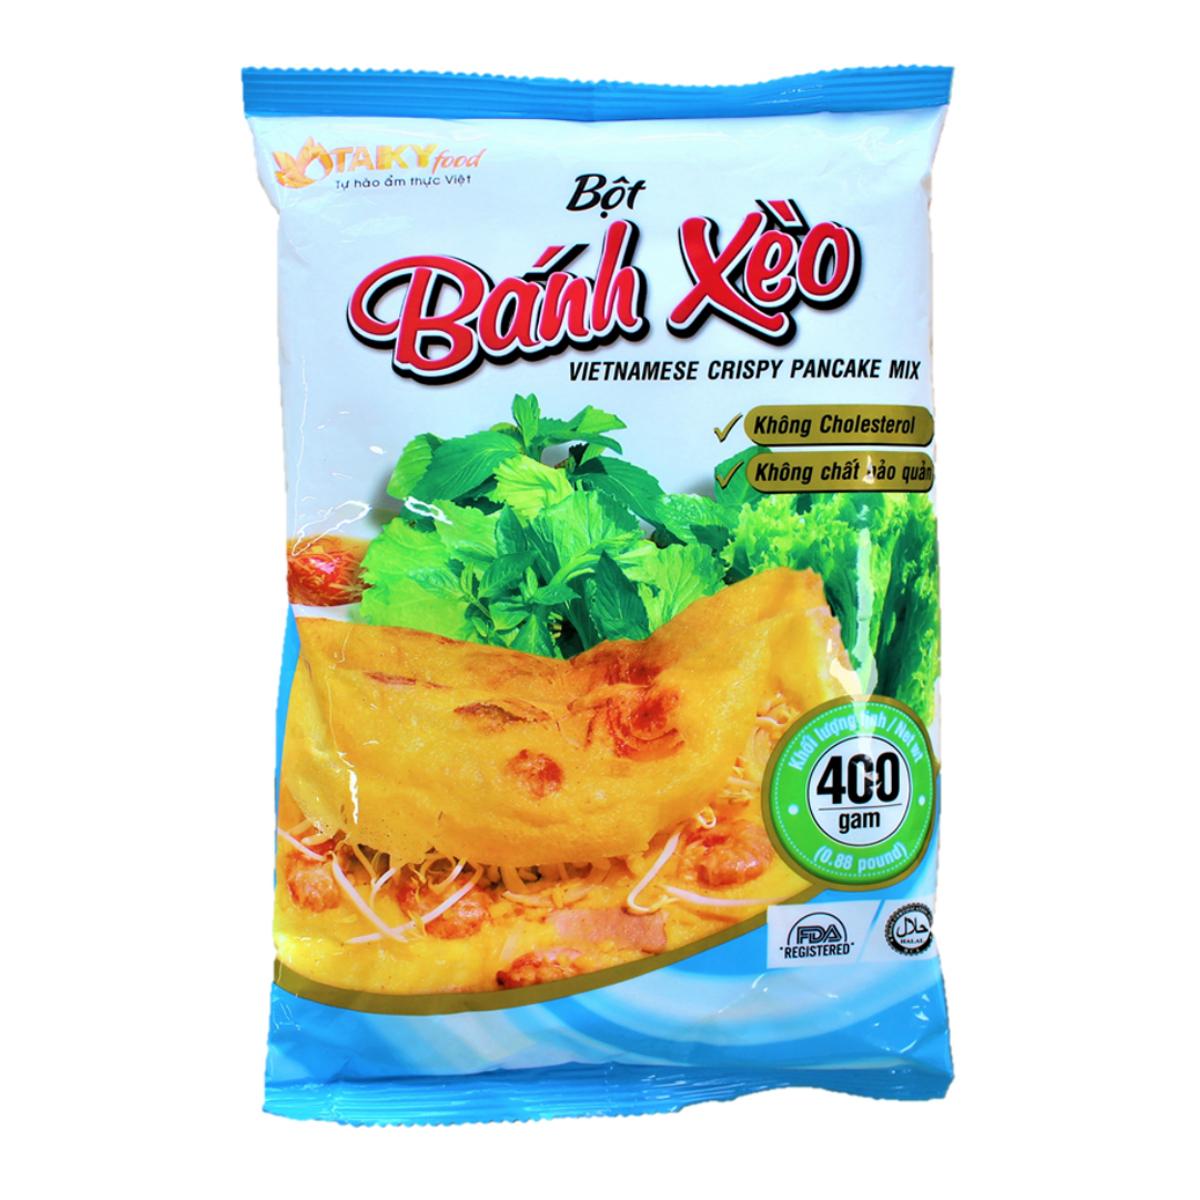 ベトナム料理がお家で楽しめます バインセオ粉 400gB?T B NH 《週末限定タイムセール》 X gam 400 調味用ミックス粉 ? お買い得品 O TAIKYfoodベトナム